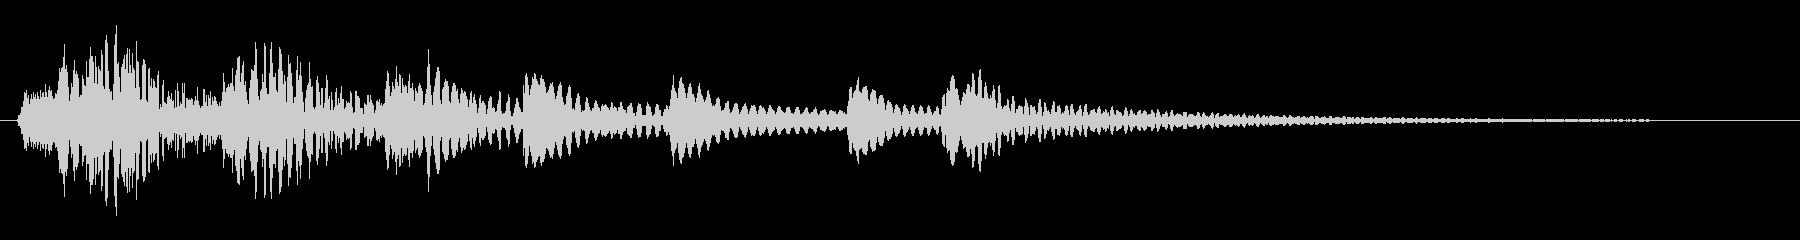 ピリピュルプルリン(コミカルシーン向き)の未再生の波形